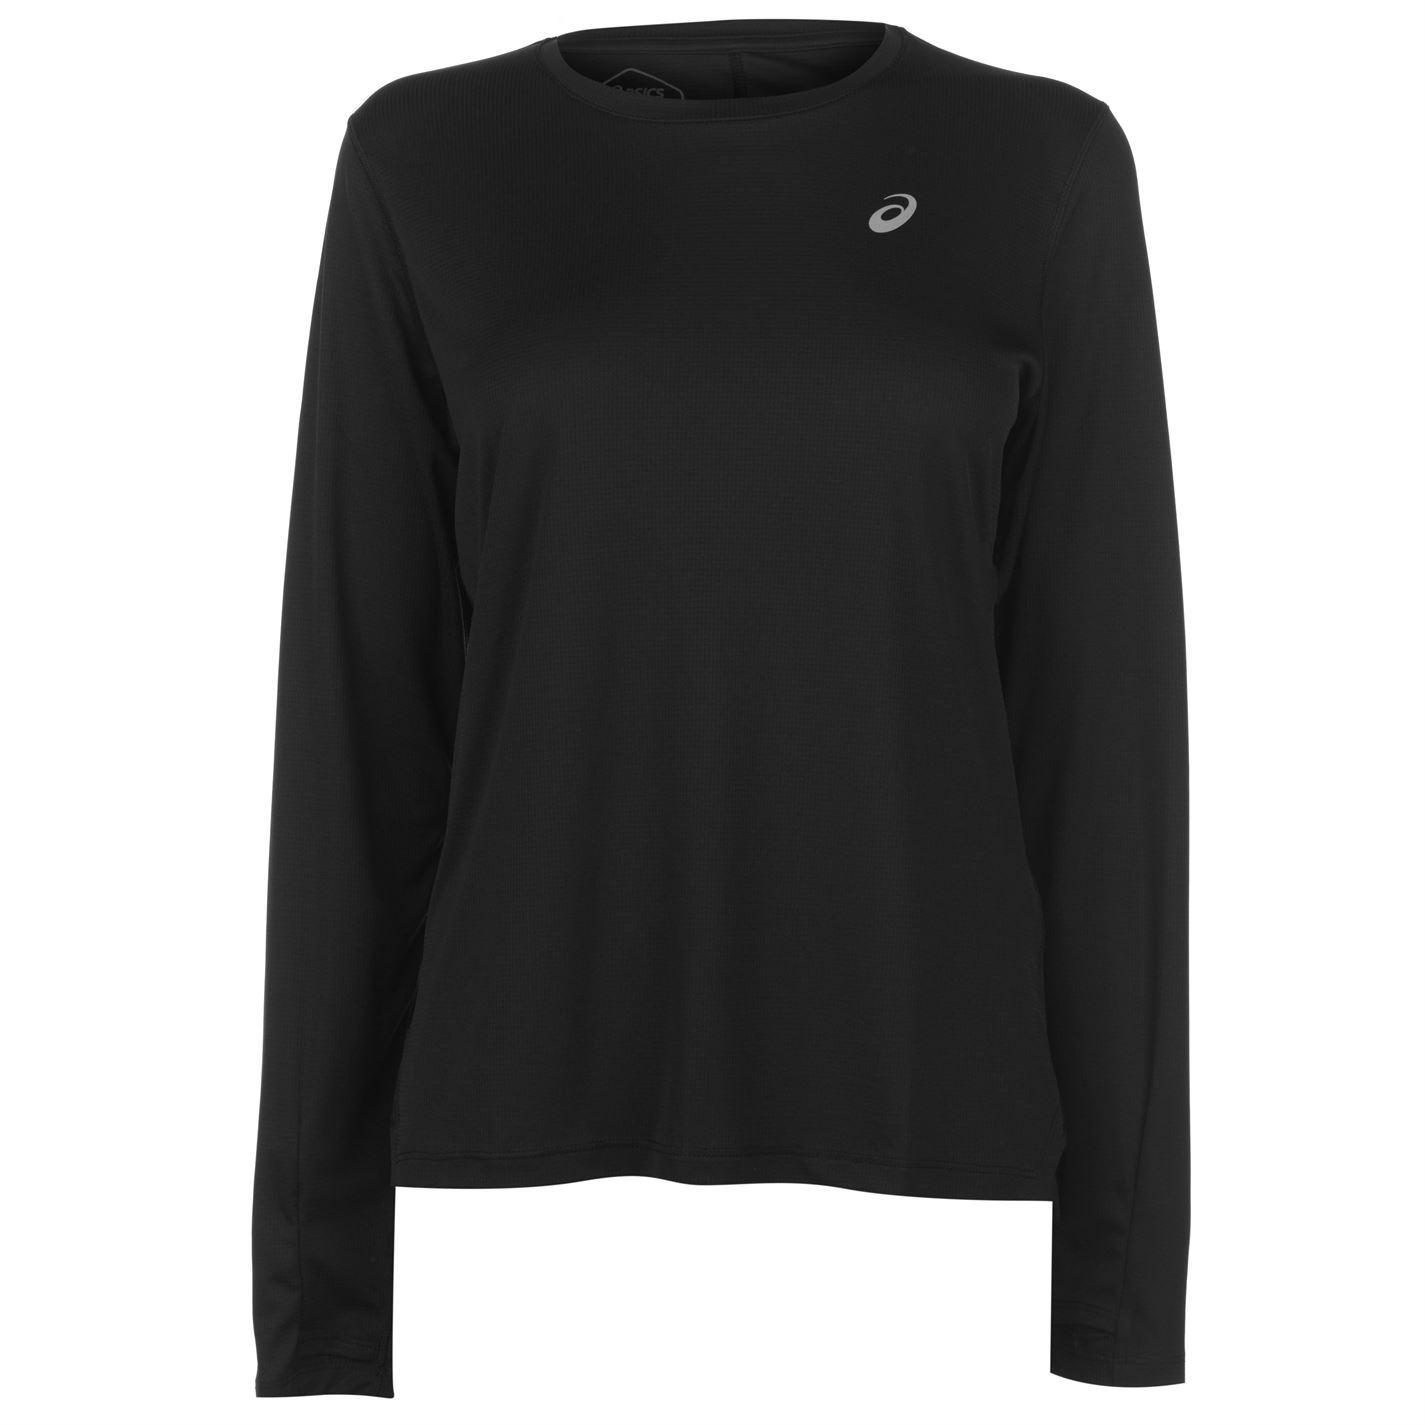 b563811a Details about Asics Long Sleeve Running T-Shirt Womens Black Fitness Top  Tee Shirt Activewear